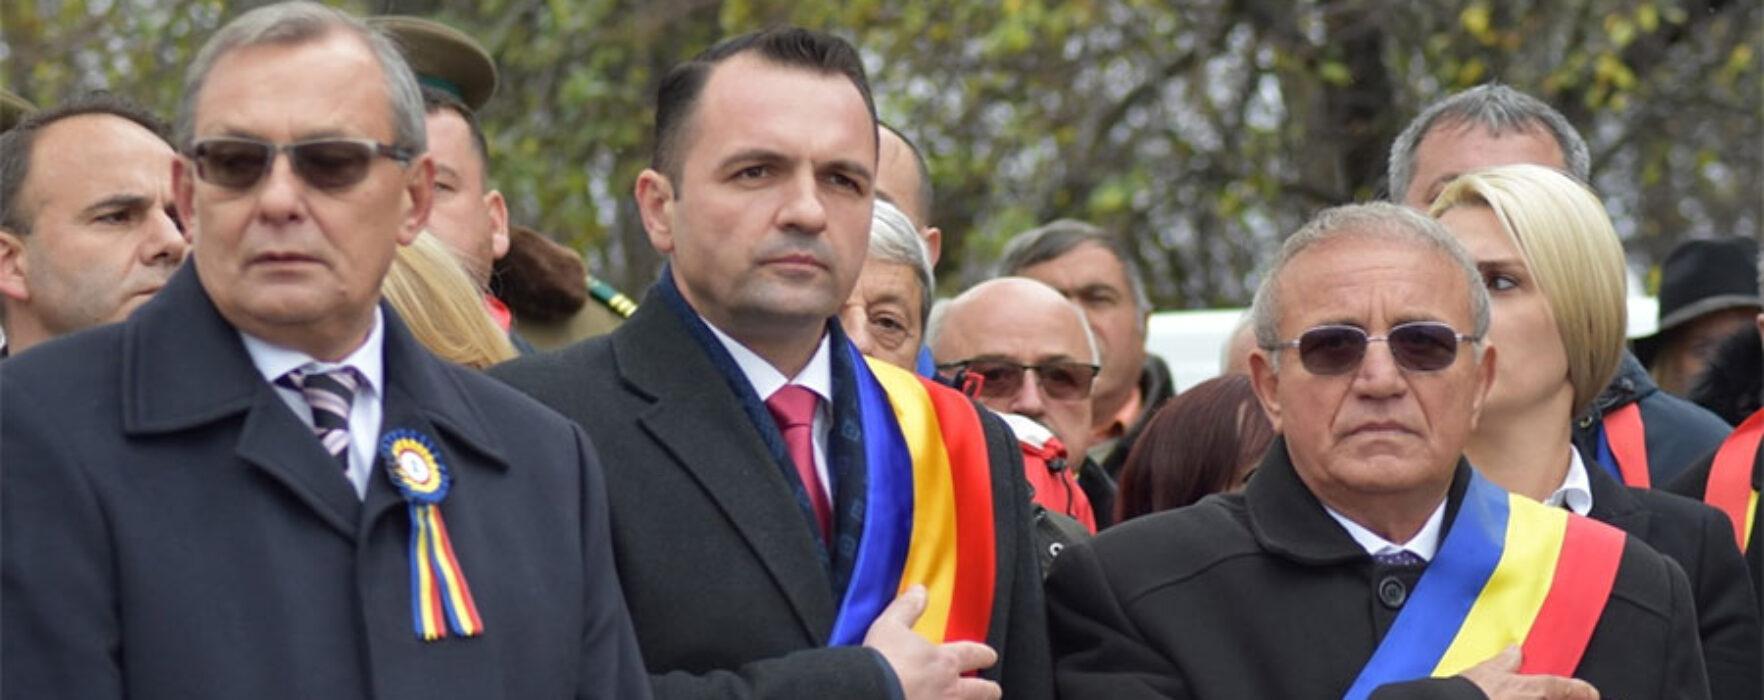 #1decembrie Cristian Stan, primar Târgovişte: Să cinstim principiile autentice